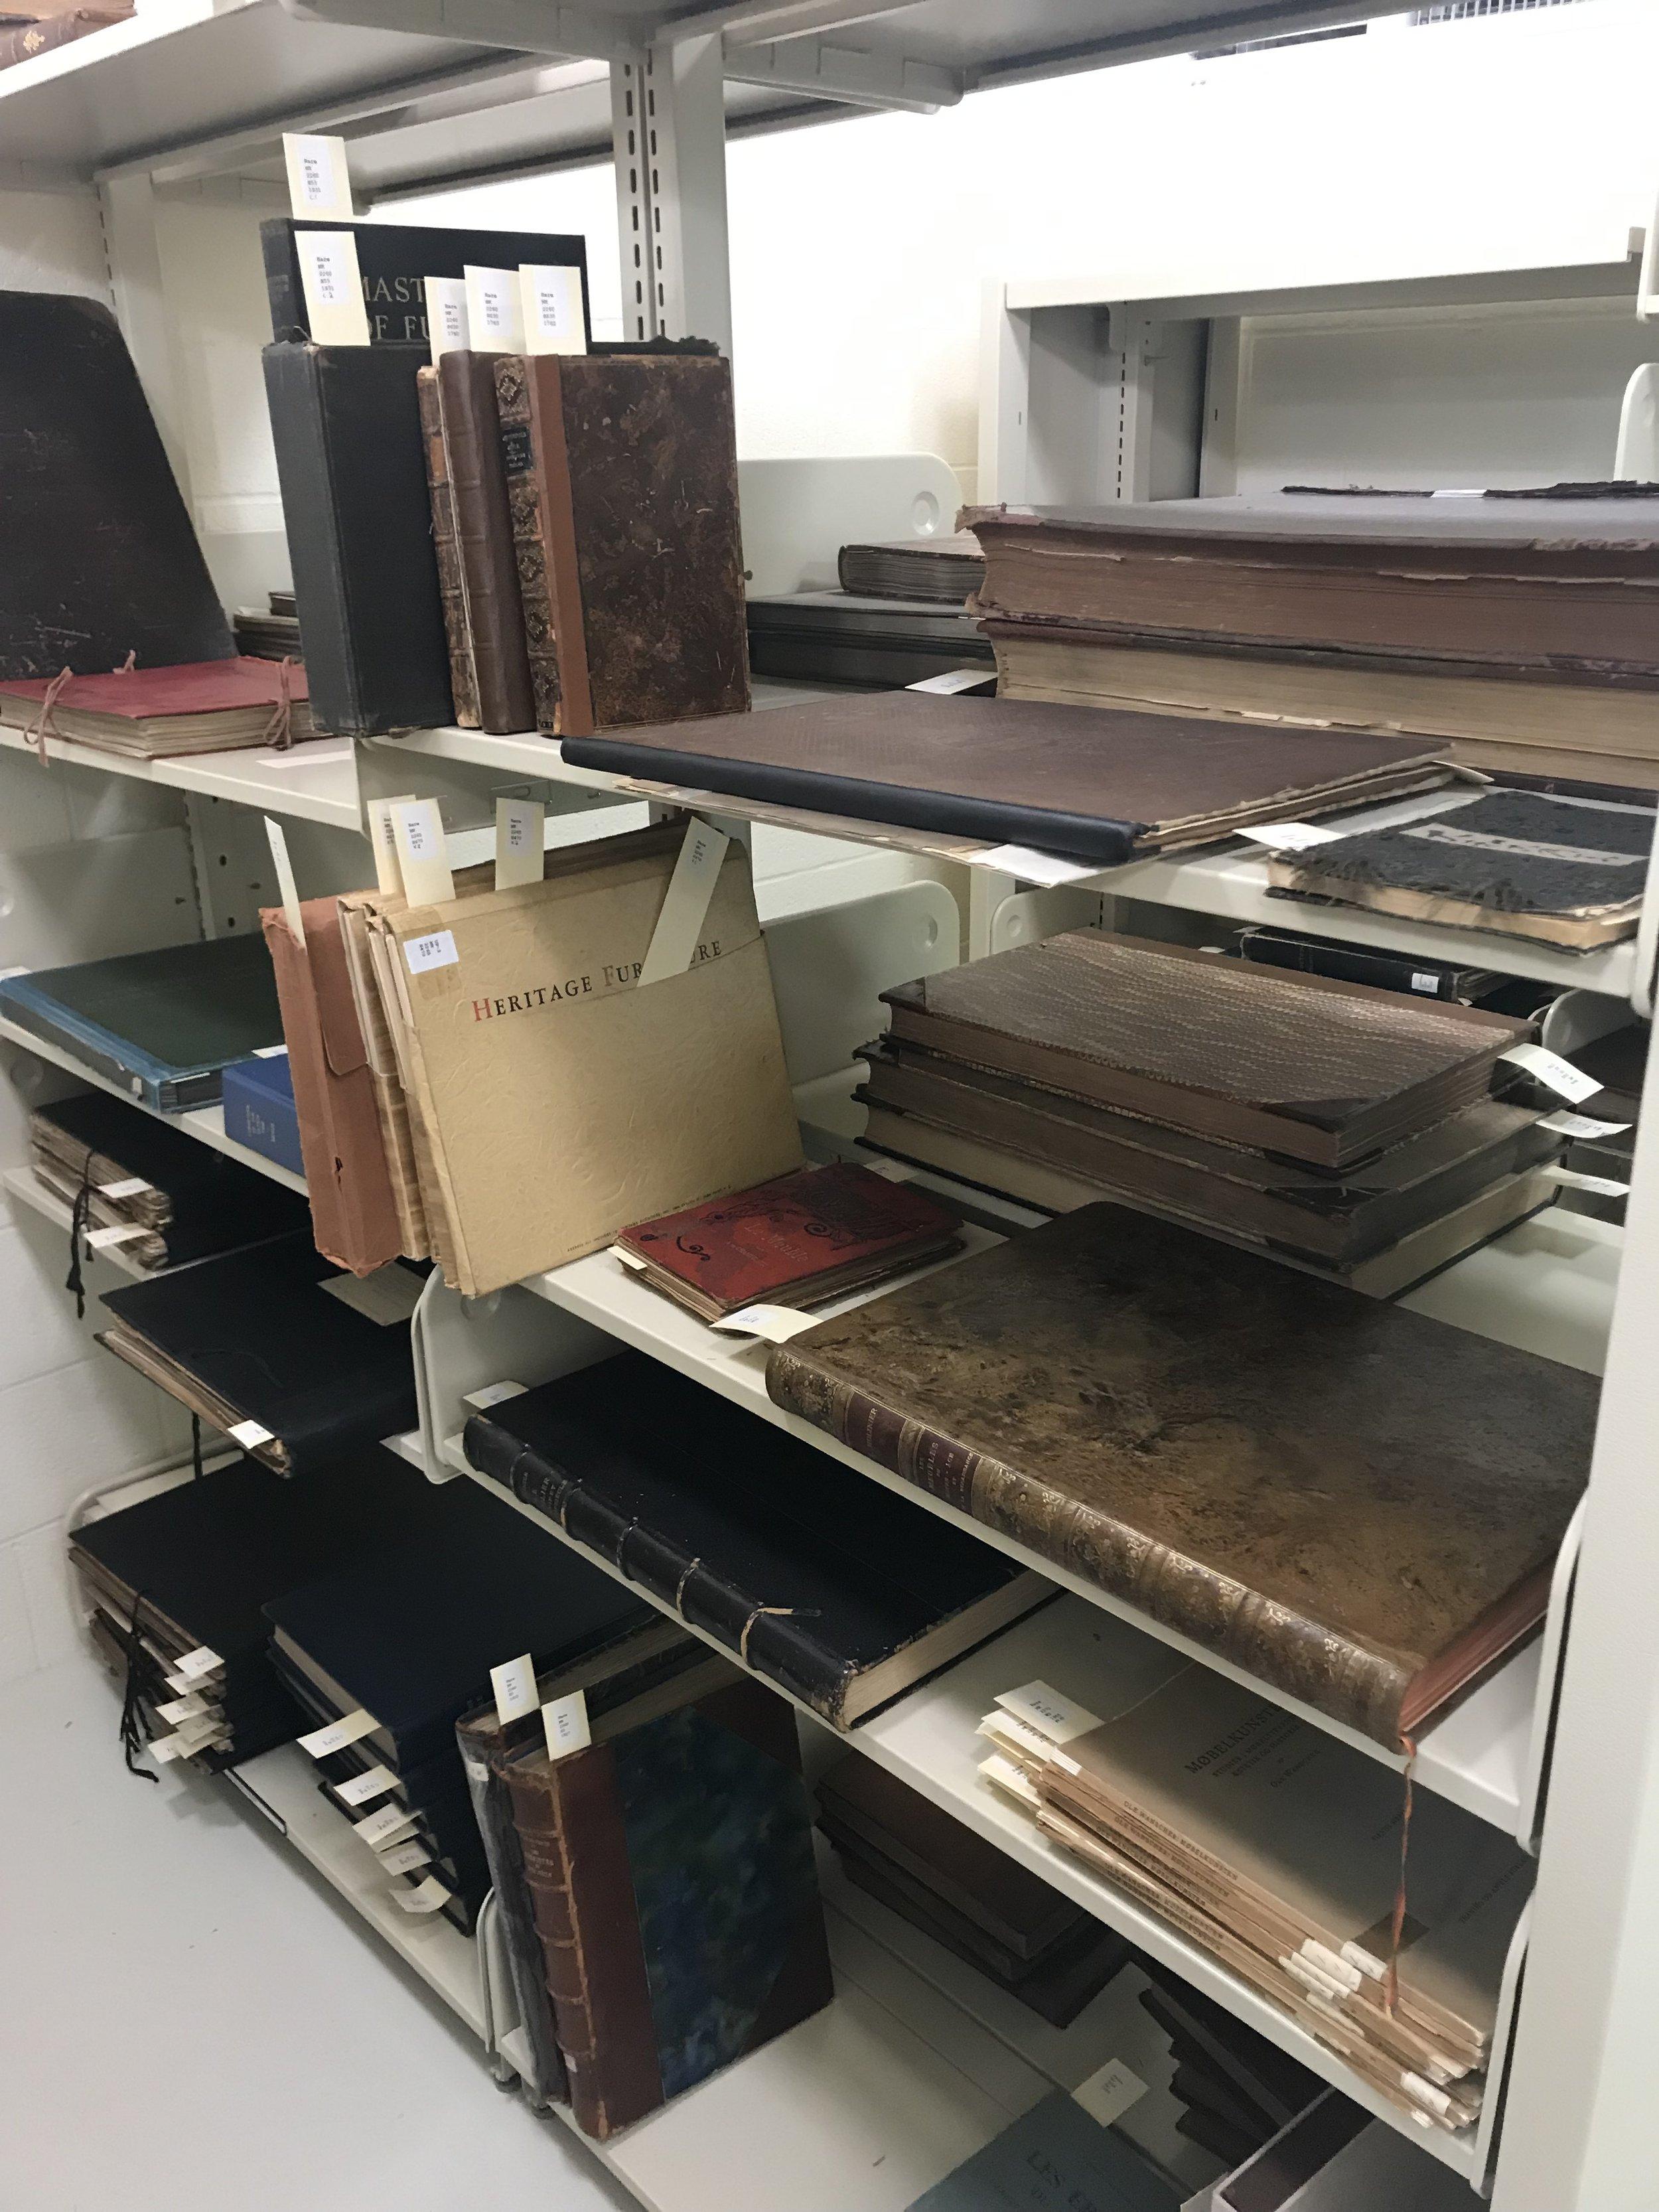 Inside the Rare Books Room